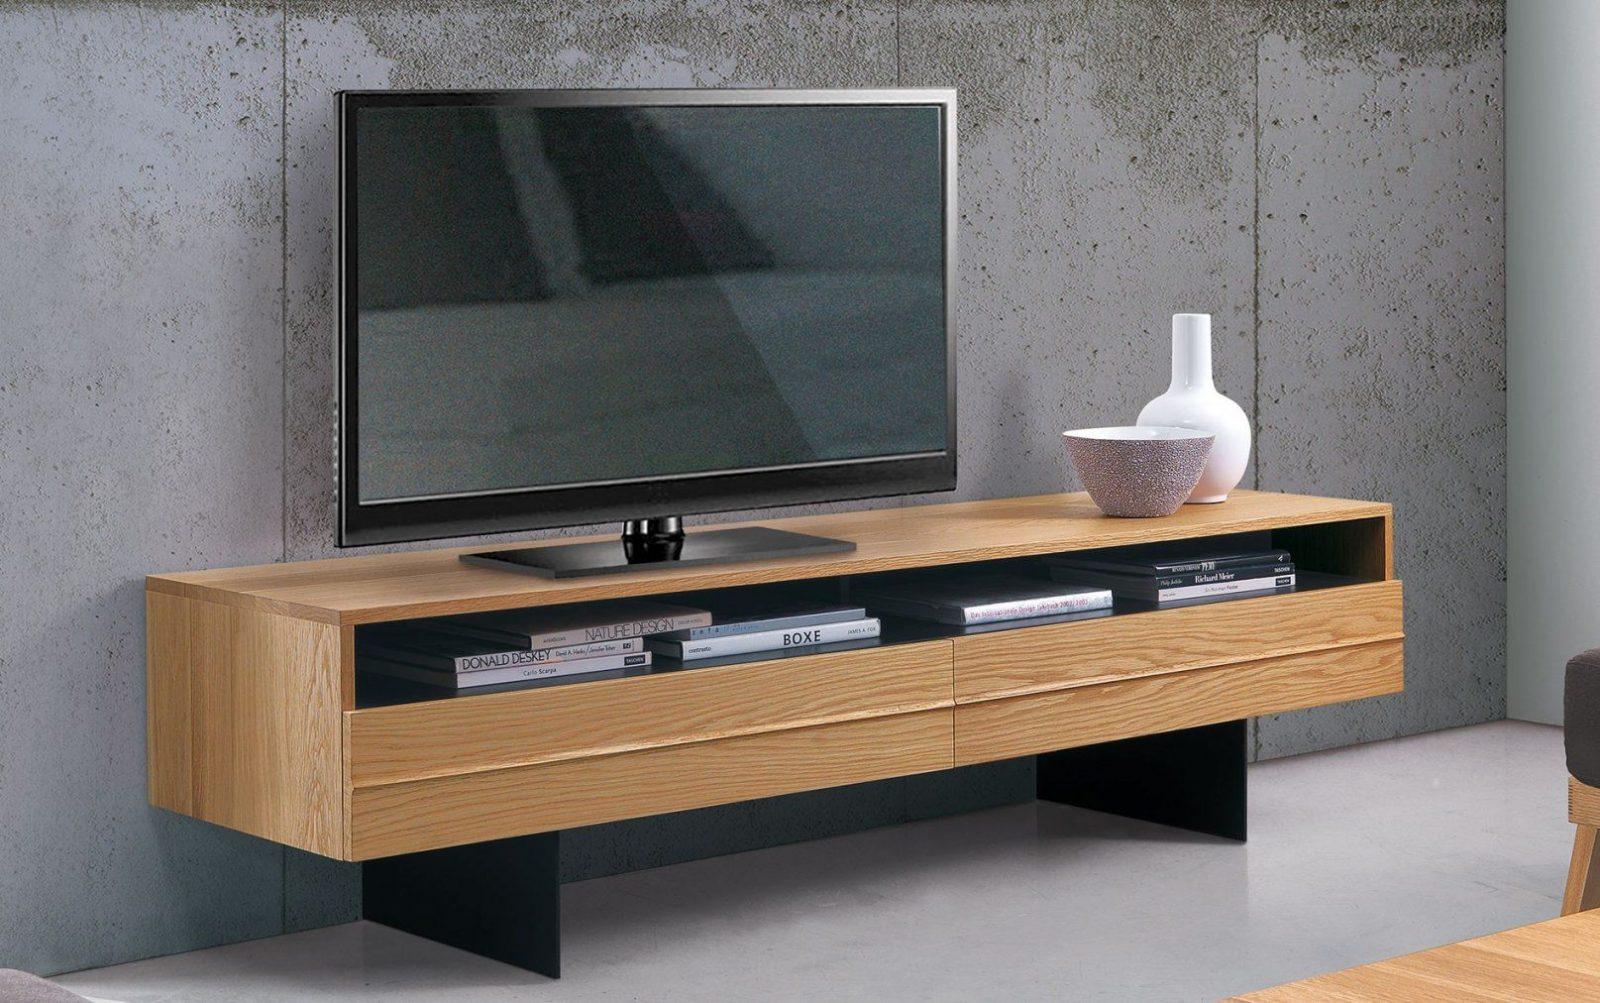 Tv Lowboard Selber Bauen Gi30 Hitoiro Tv Board Hängend Seoru Me Avec von Tv Board Selber Bauen Bild